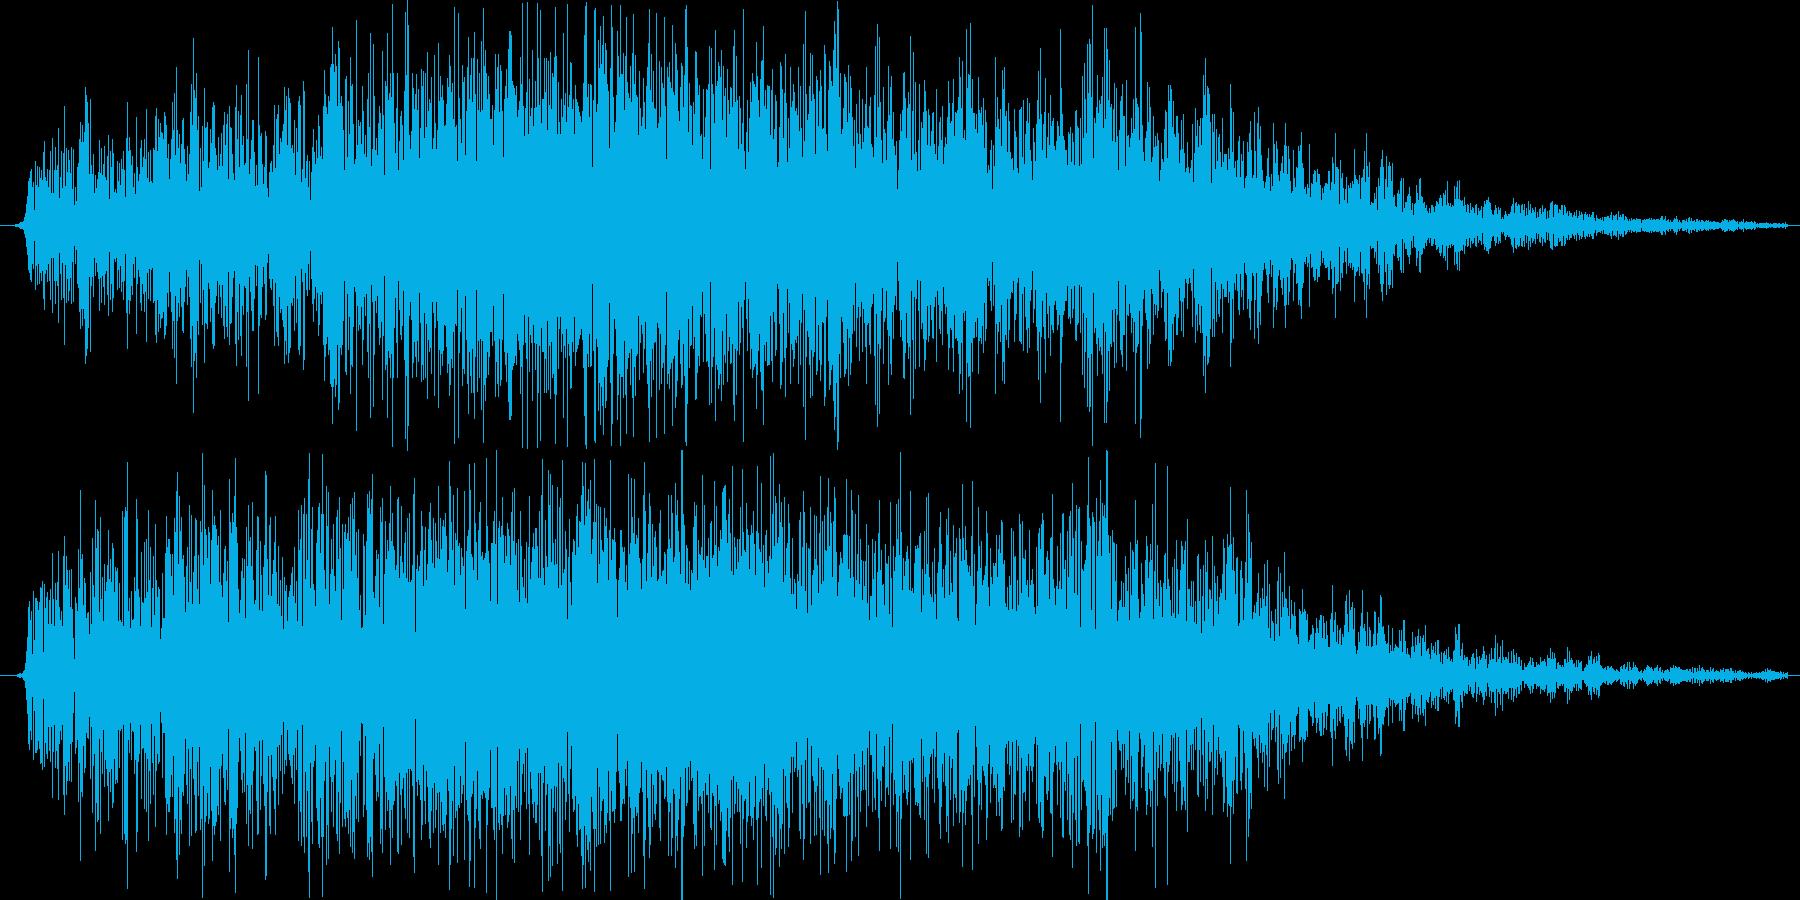 ガオー。Logic proの物理モデル…の再生済みの波形